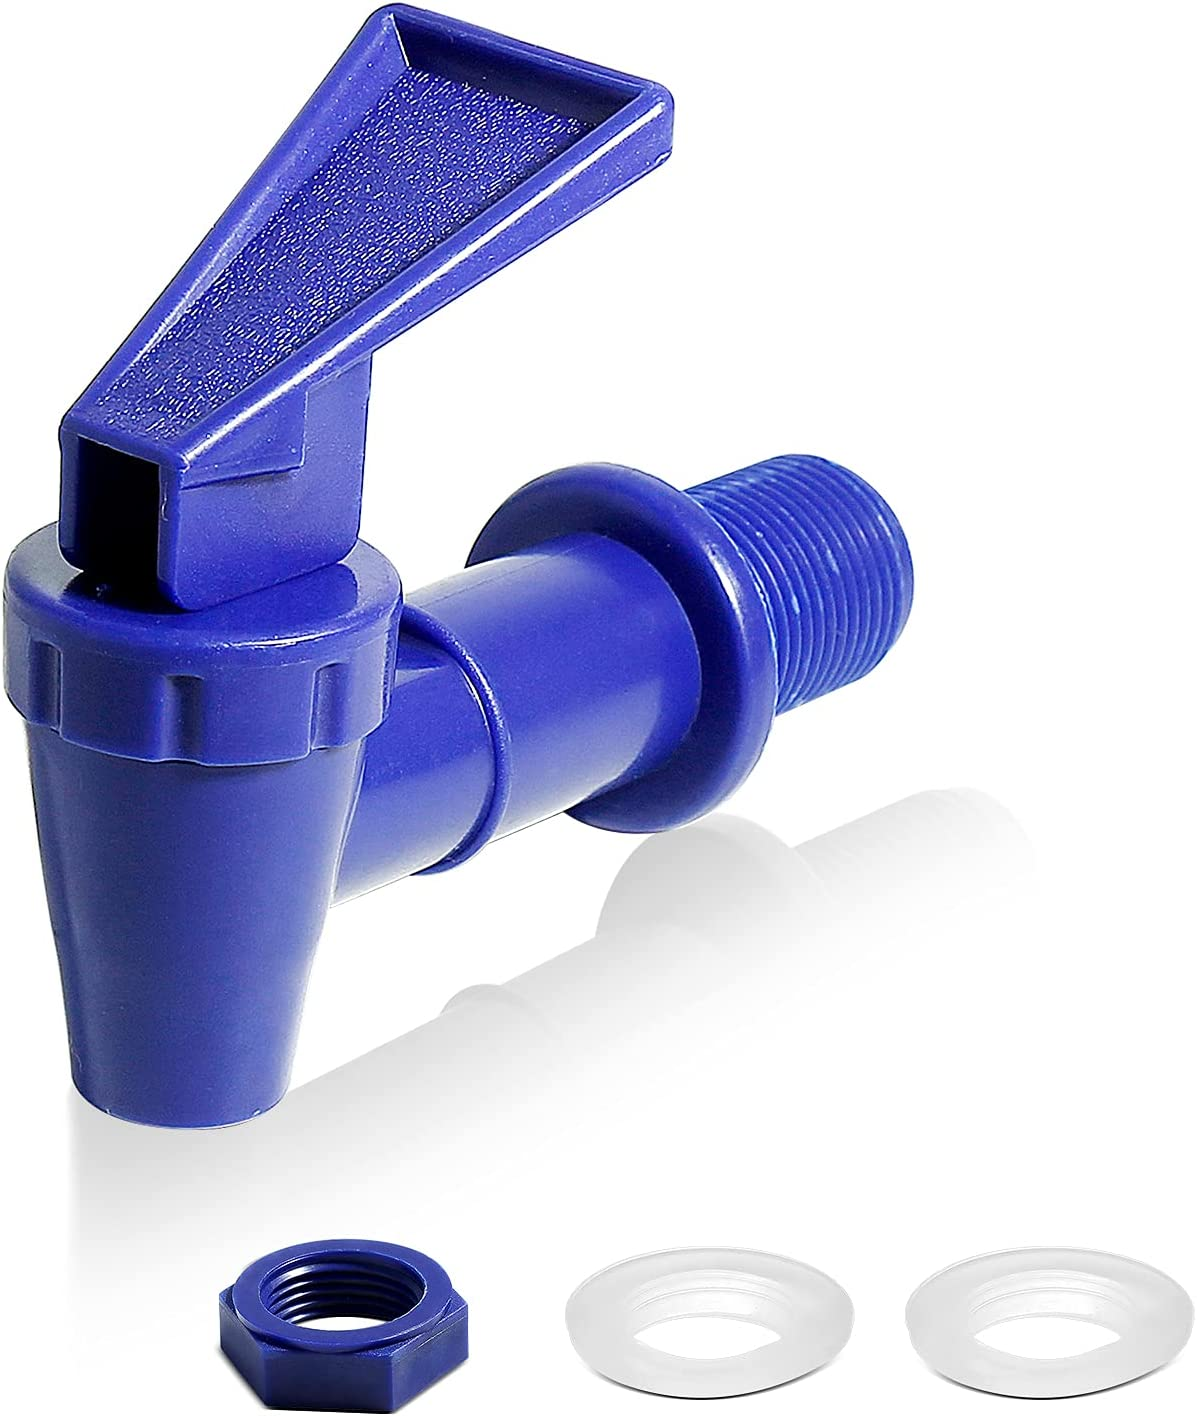 Lanzeuta 2 Sets BPA-Free Replacement Cooler Faucet, Blue Water Dispenser Tap Set, Reusable Plastic Spigot Spout Water Beverage Lever Pour Dispenser Valve Water Crock Tap